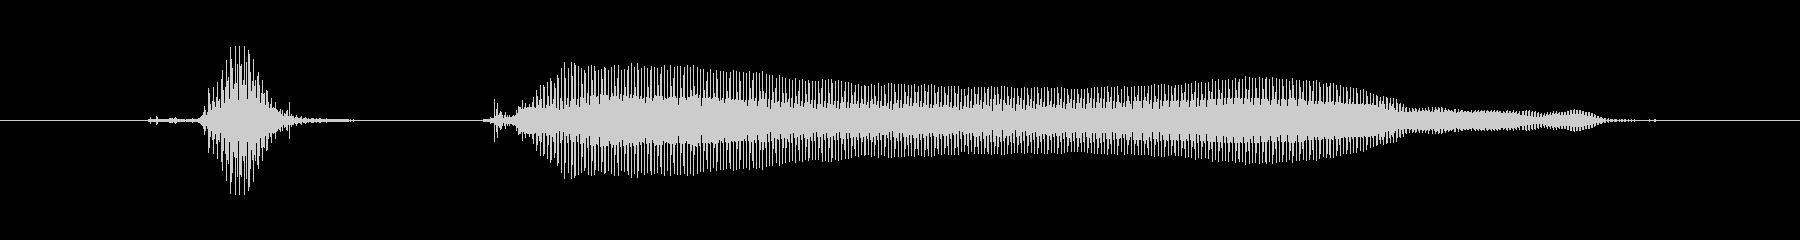 【ボイスSE】カキーン!の未再生の波形